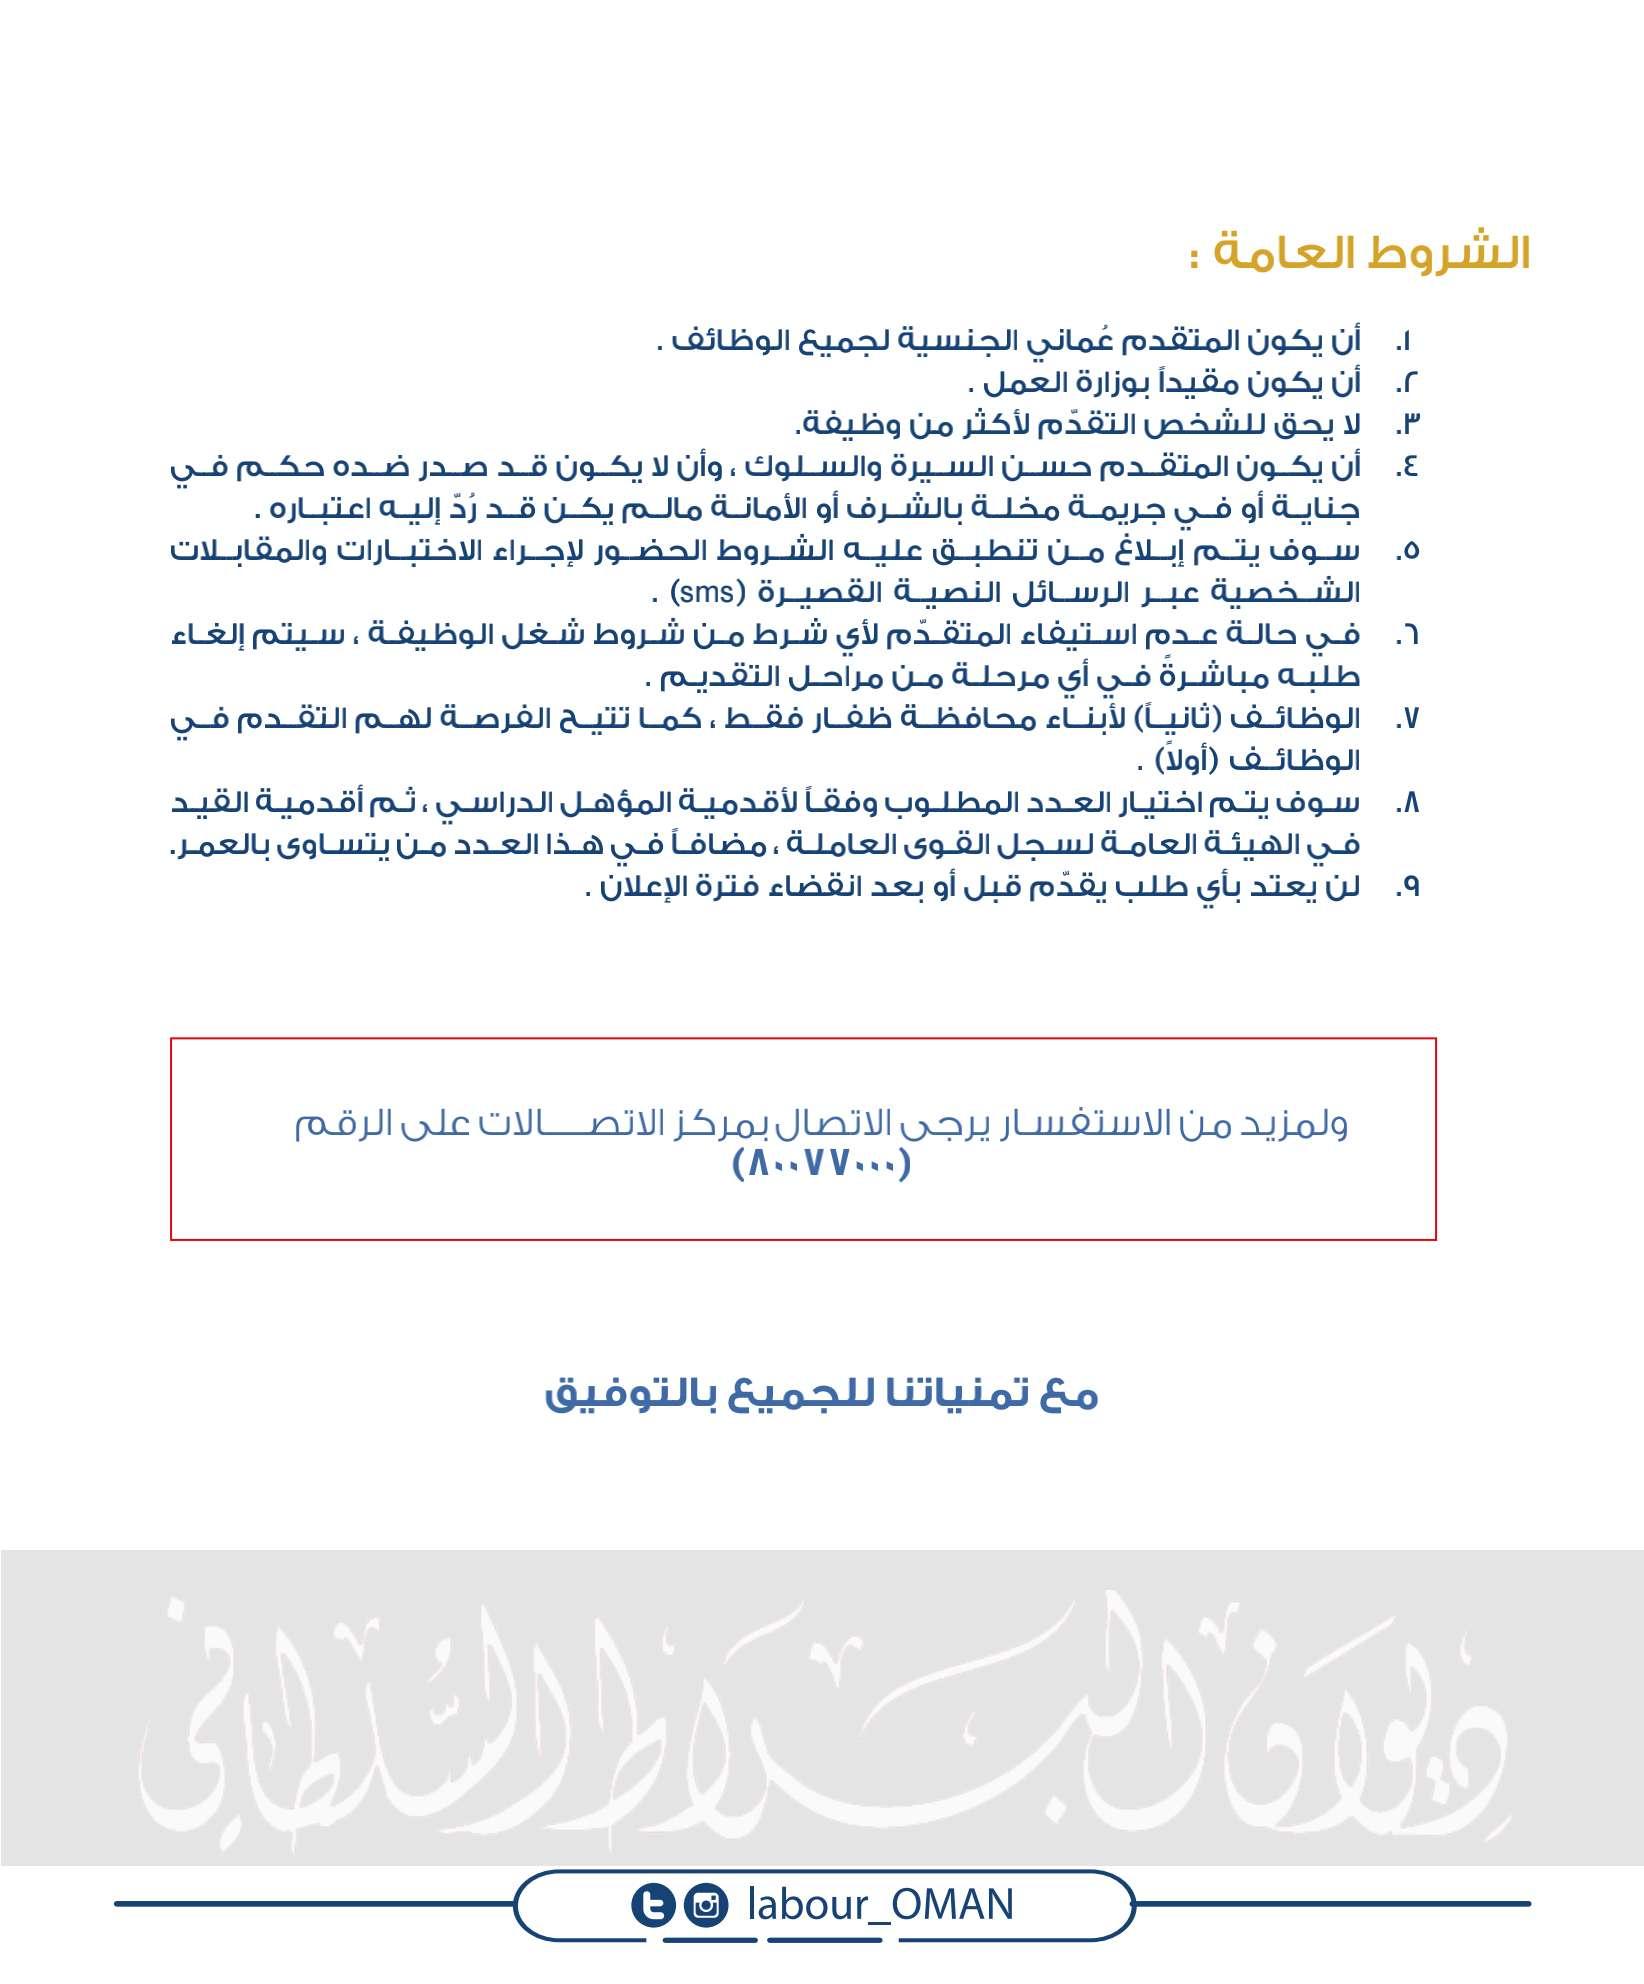 وظائف شاغرة بديوان البلاط السلطاني 2021